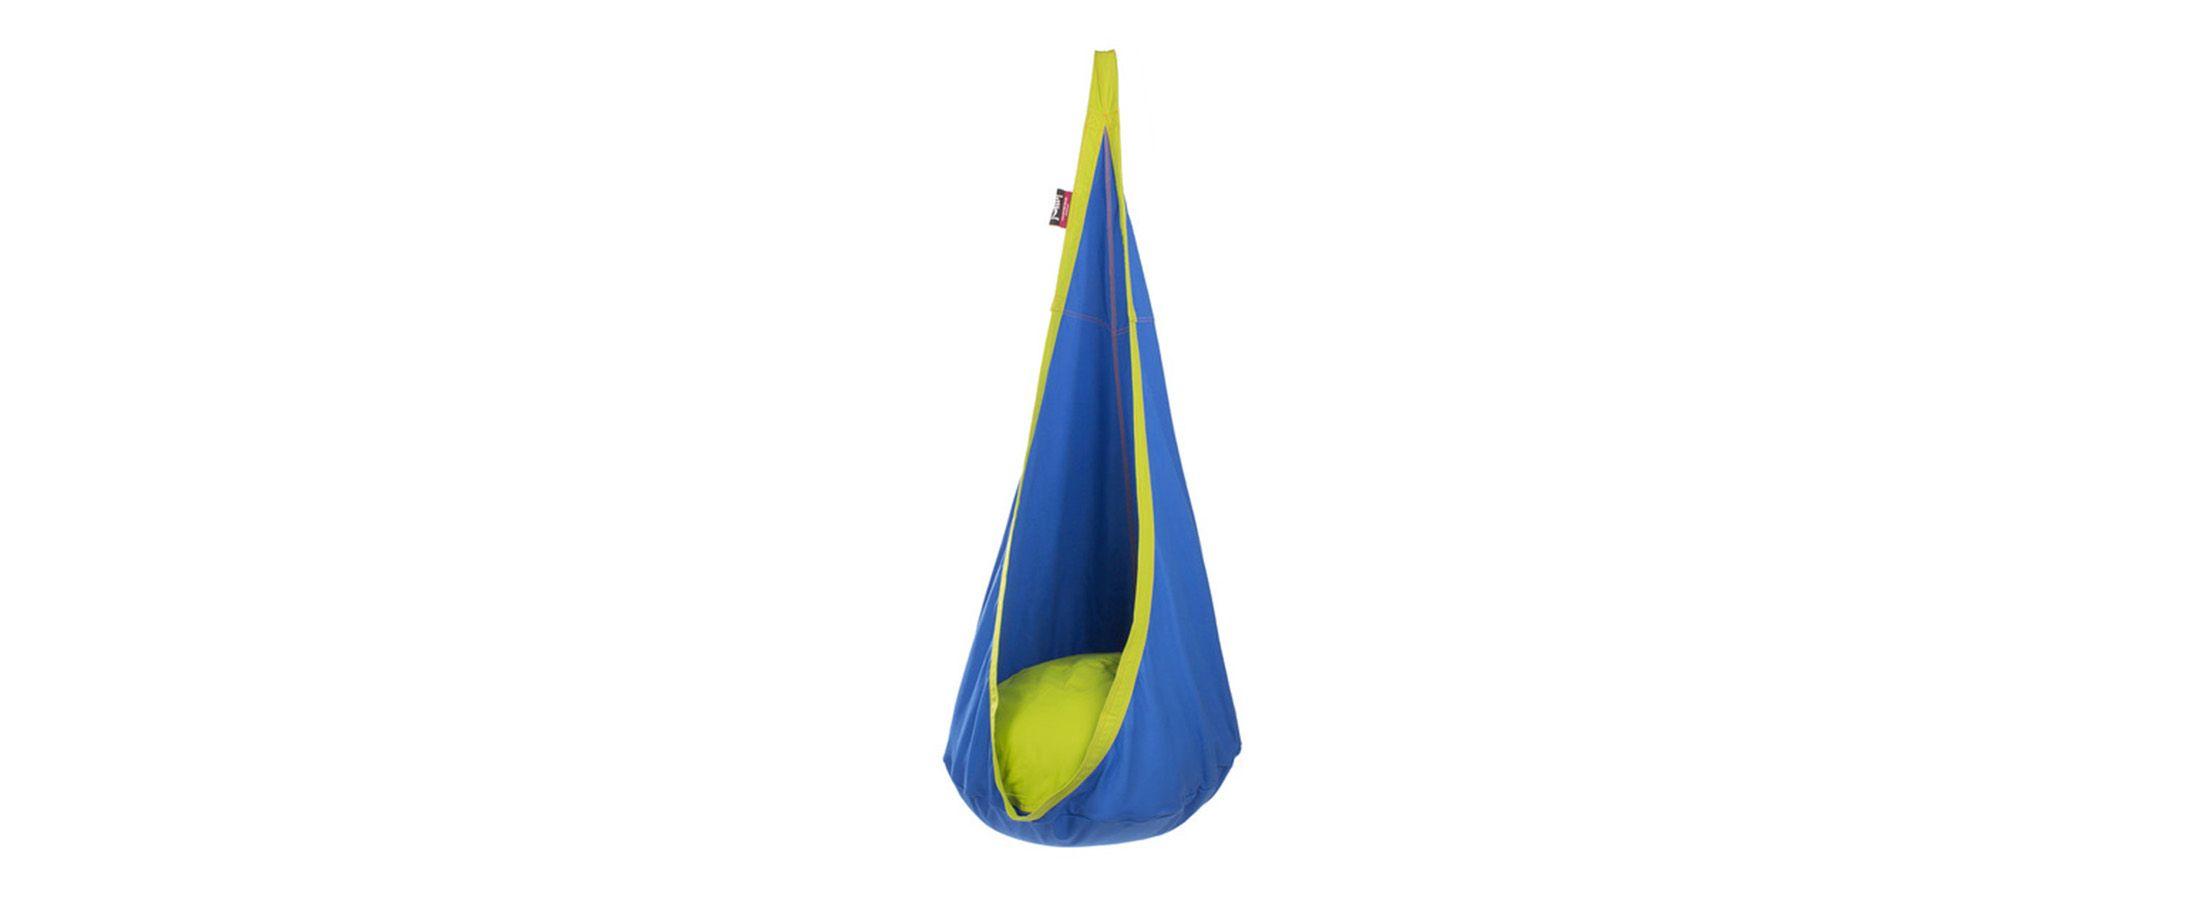 Детское подвесное кресло blueberry Модель 365Детское подвесное кресло Модель 365 артикул С000090<br>